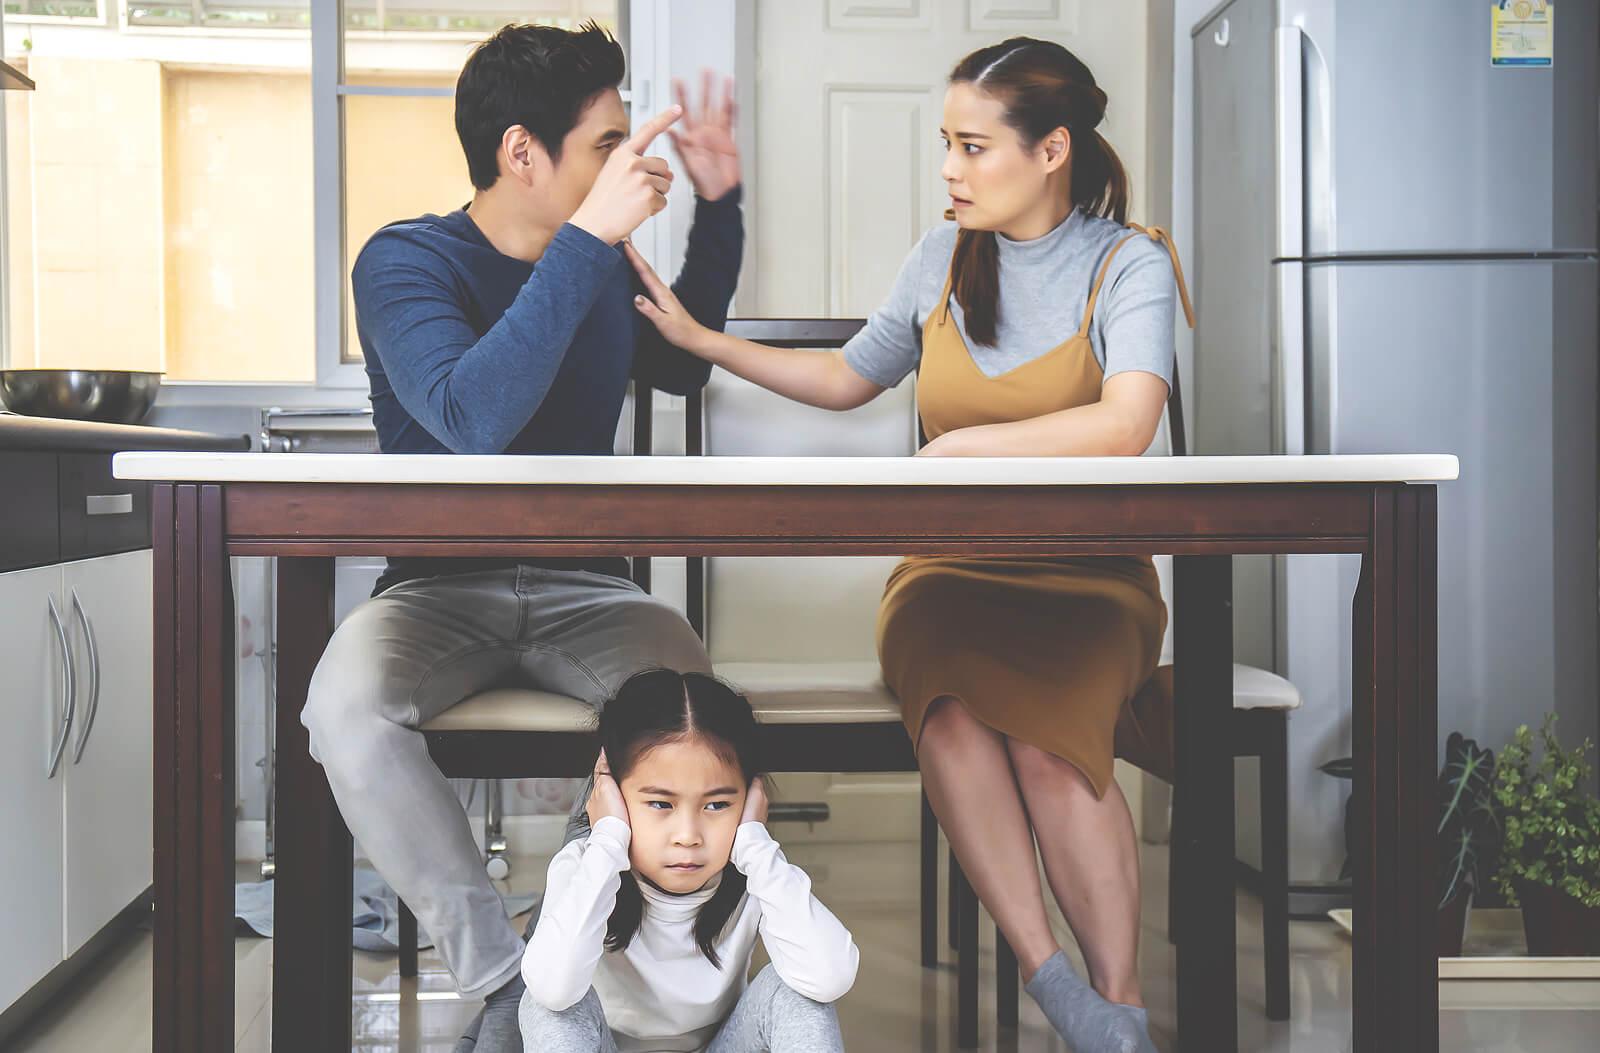 Padres discutiendo delante de su hija, una de las cosas que hay que evitar delante de los hijos.